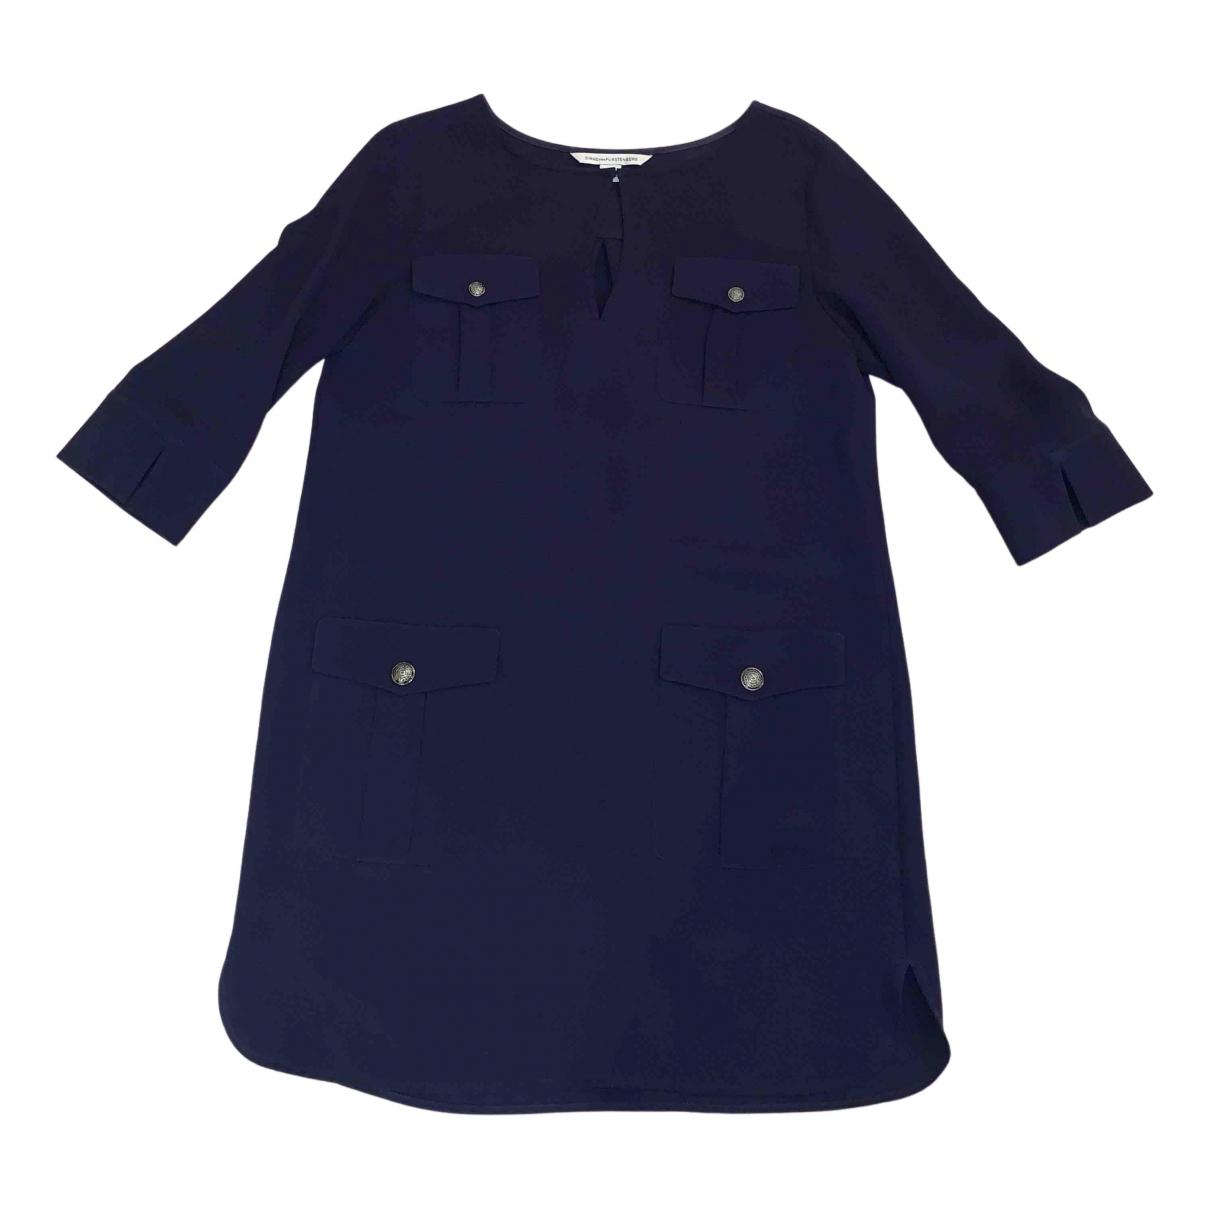 Diane Von Furstenberg N Blue Cotton dress for Women 8 US